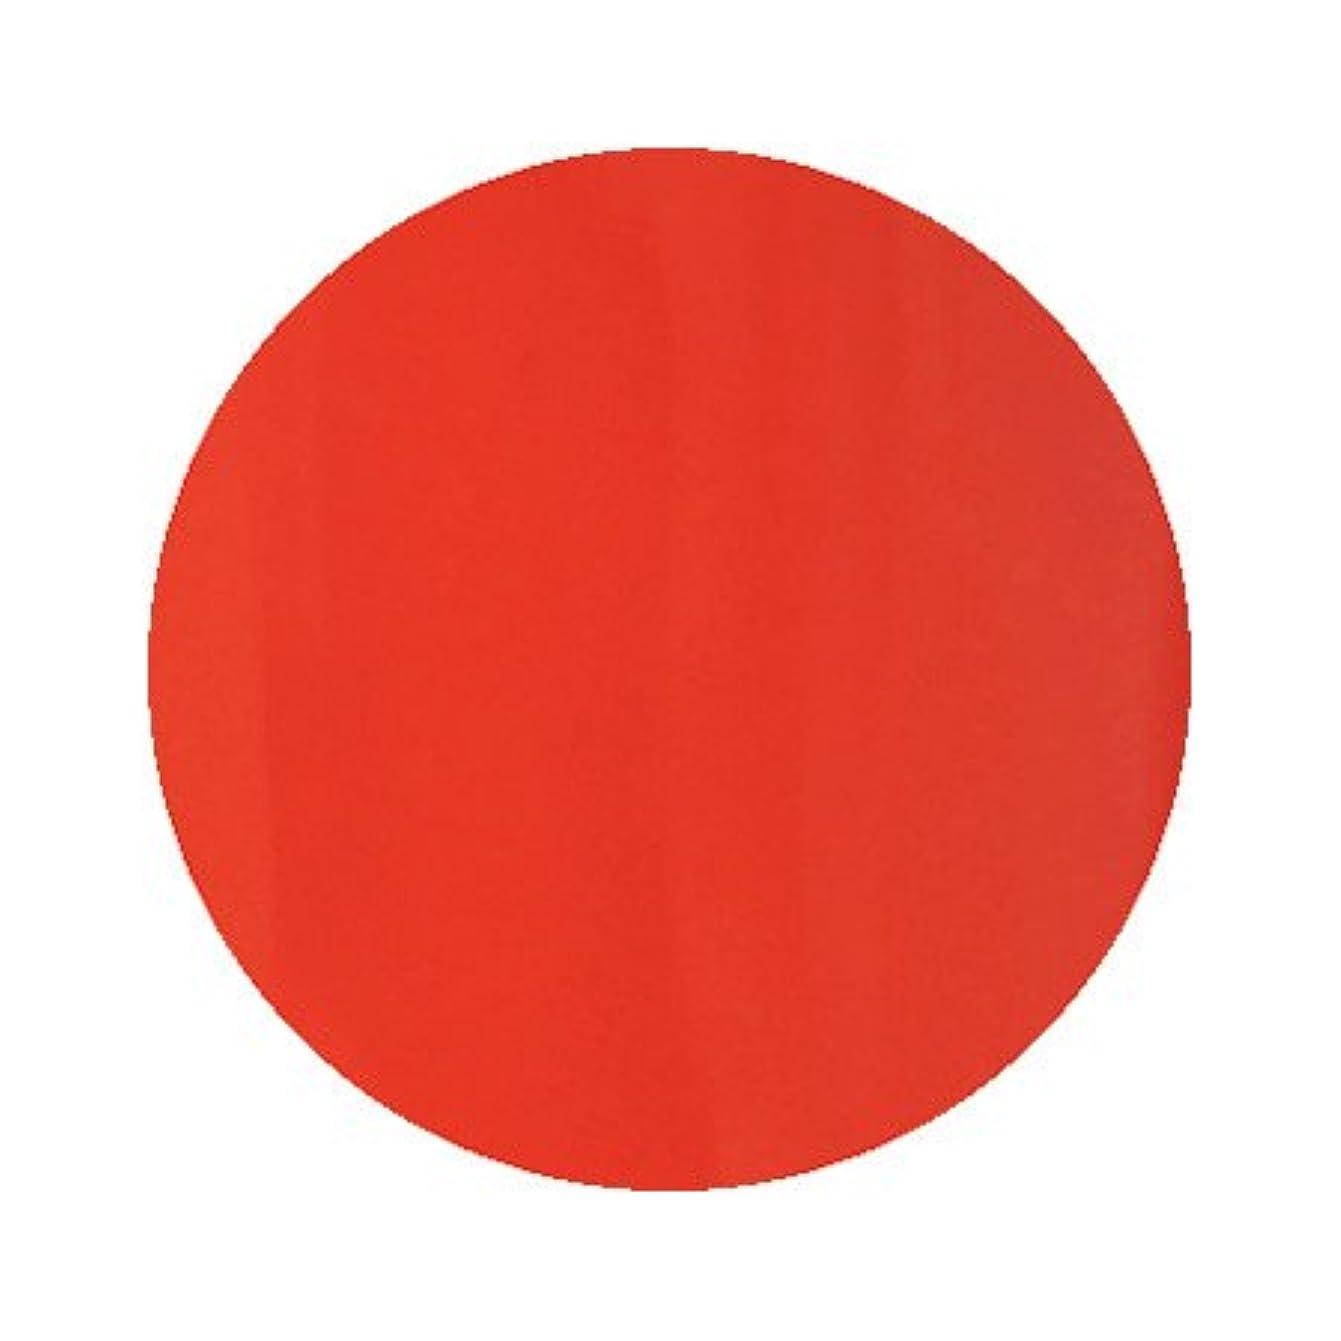 パラポリッシュ ハイブリッドカラージェル V3 ブラッドオレンジ 7g